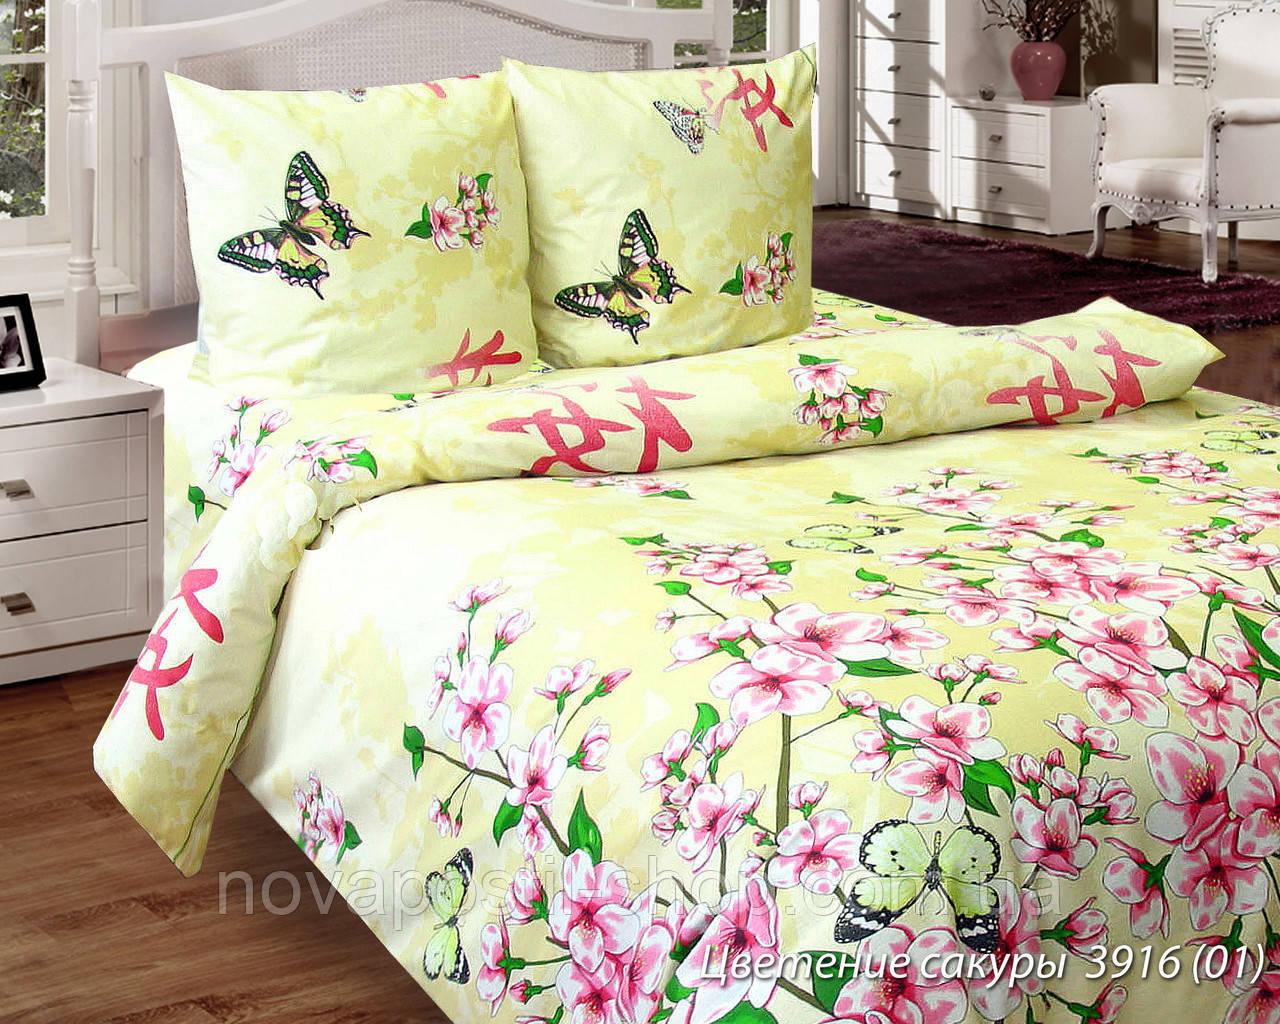 Ткань для постельного белья, бязь белорусская Цветение сакуры